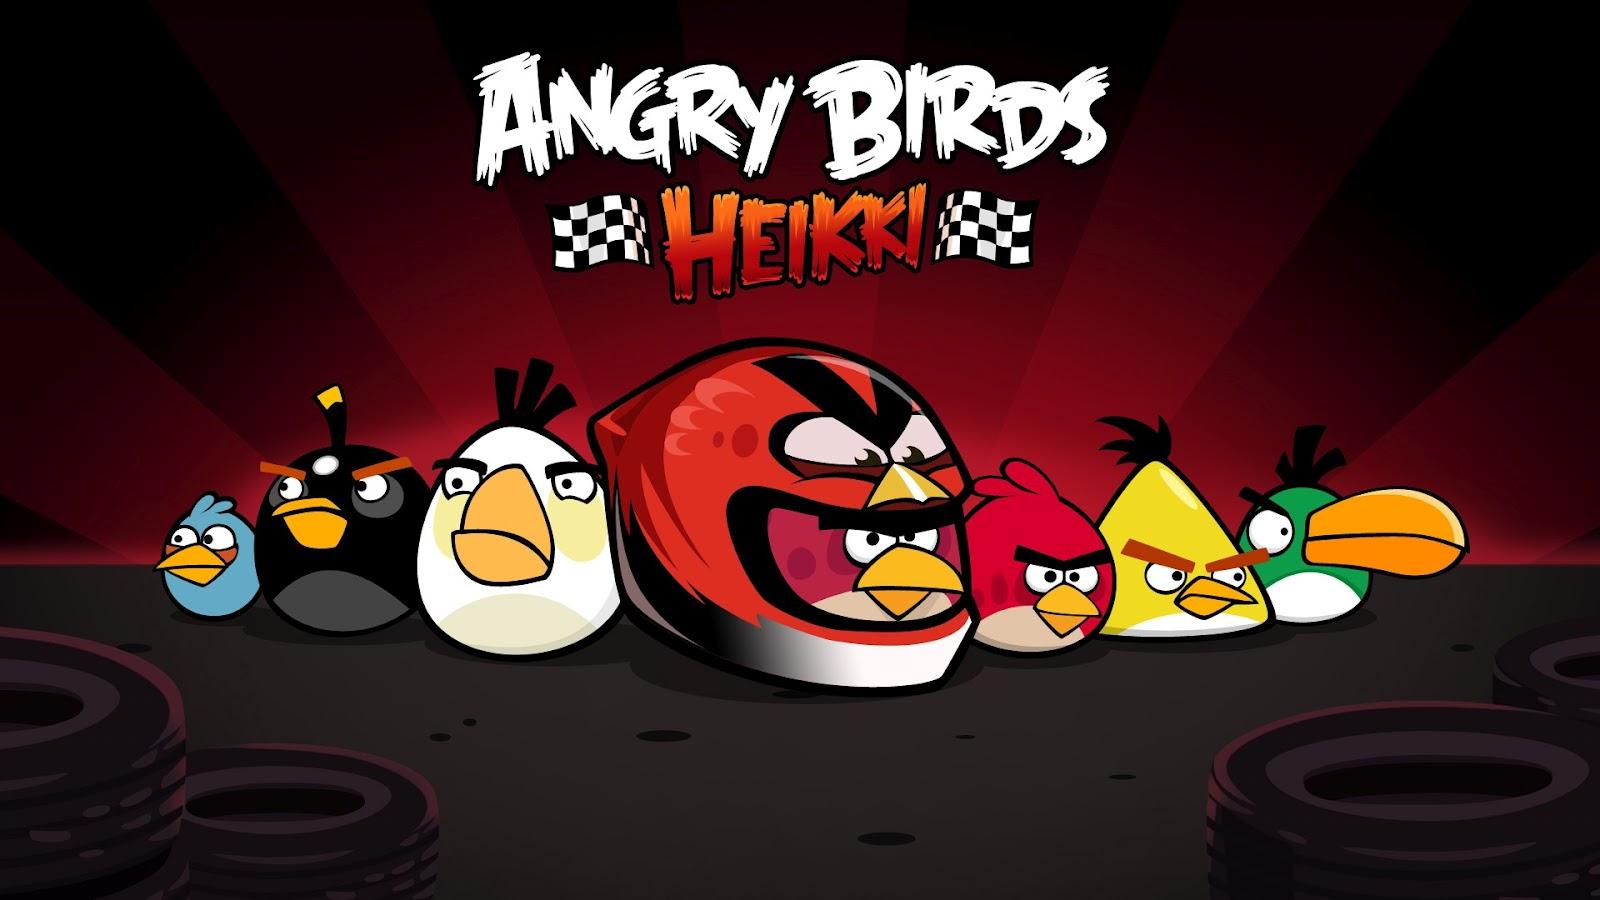 http://2.bp.blogspot.com/-I0QQKRycq-A/UBFq7fpjJ5I/AAAAAAAAD6Y/g-iCMU2NjNg/s1600/angry-birds-wallpapers+%286%29.jpg